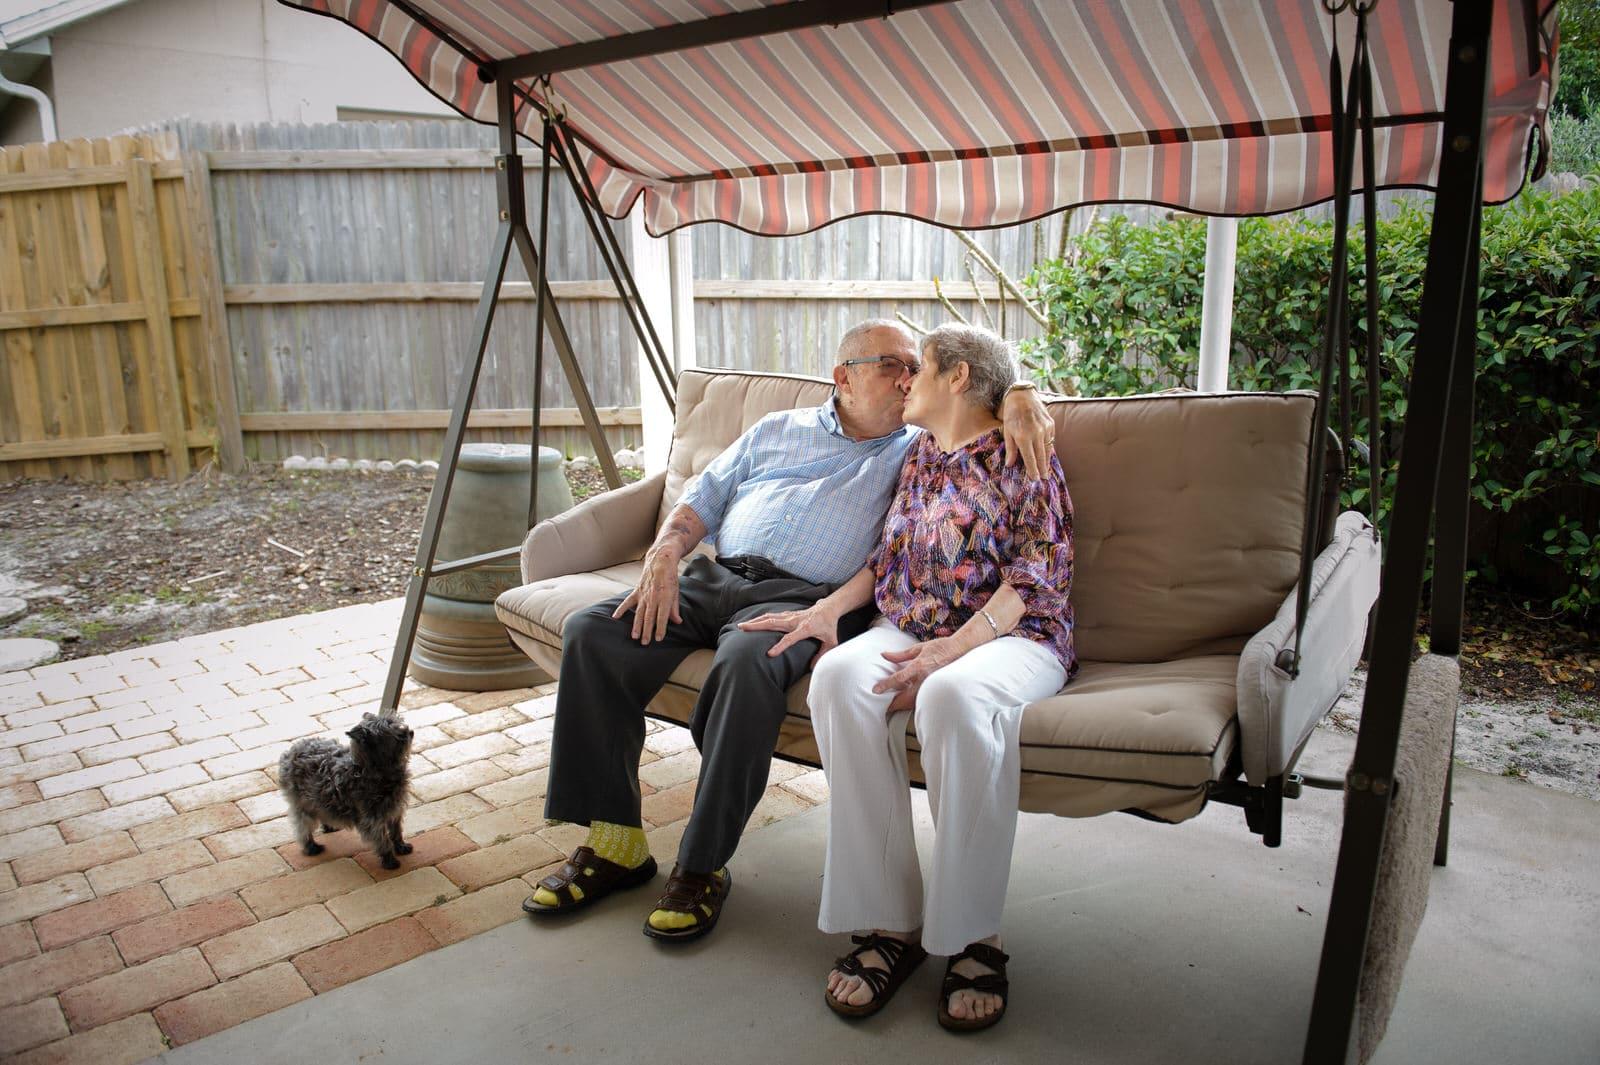 grandma and grandpa share a kiss in the backyard